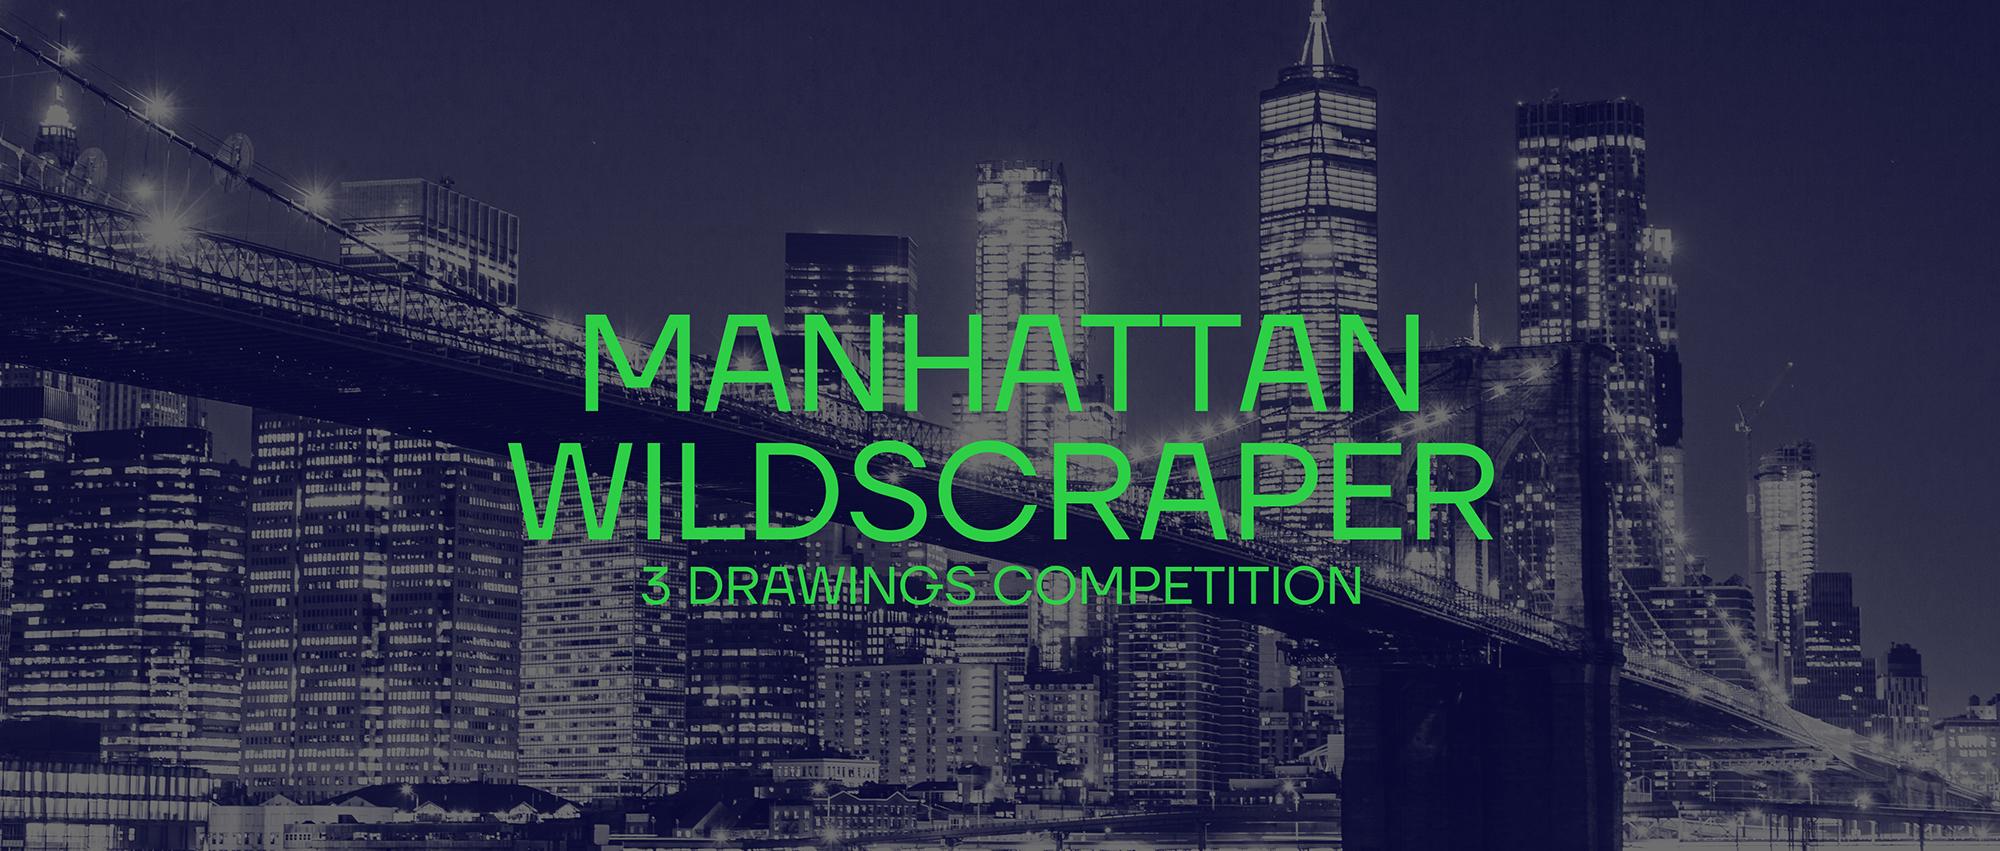 曼哈顿荒野摩天楼(MANHATTAN WILDSCRAPER)设计竞赛